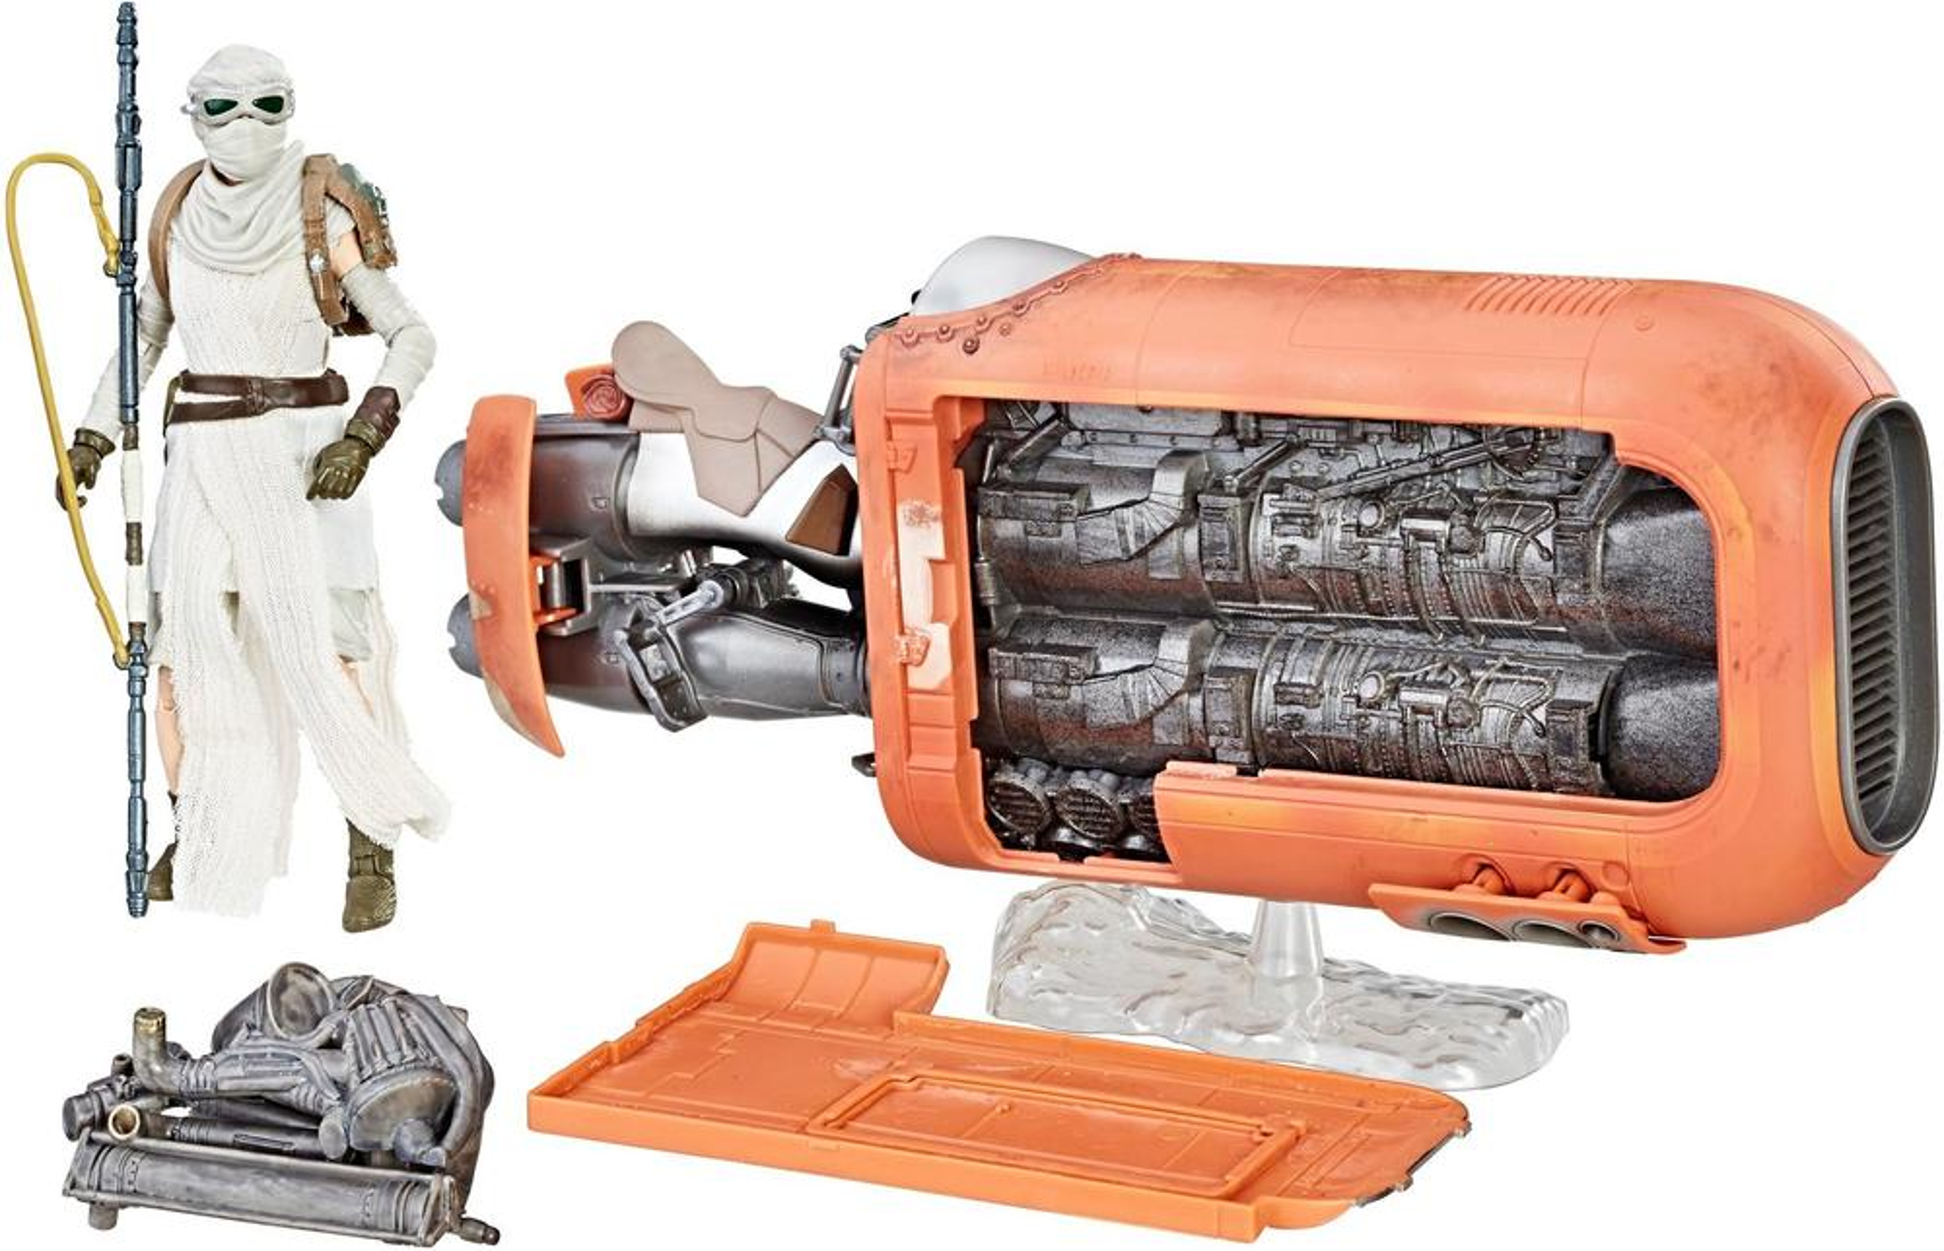 Star Wars C1427 leftViewImage